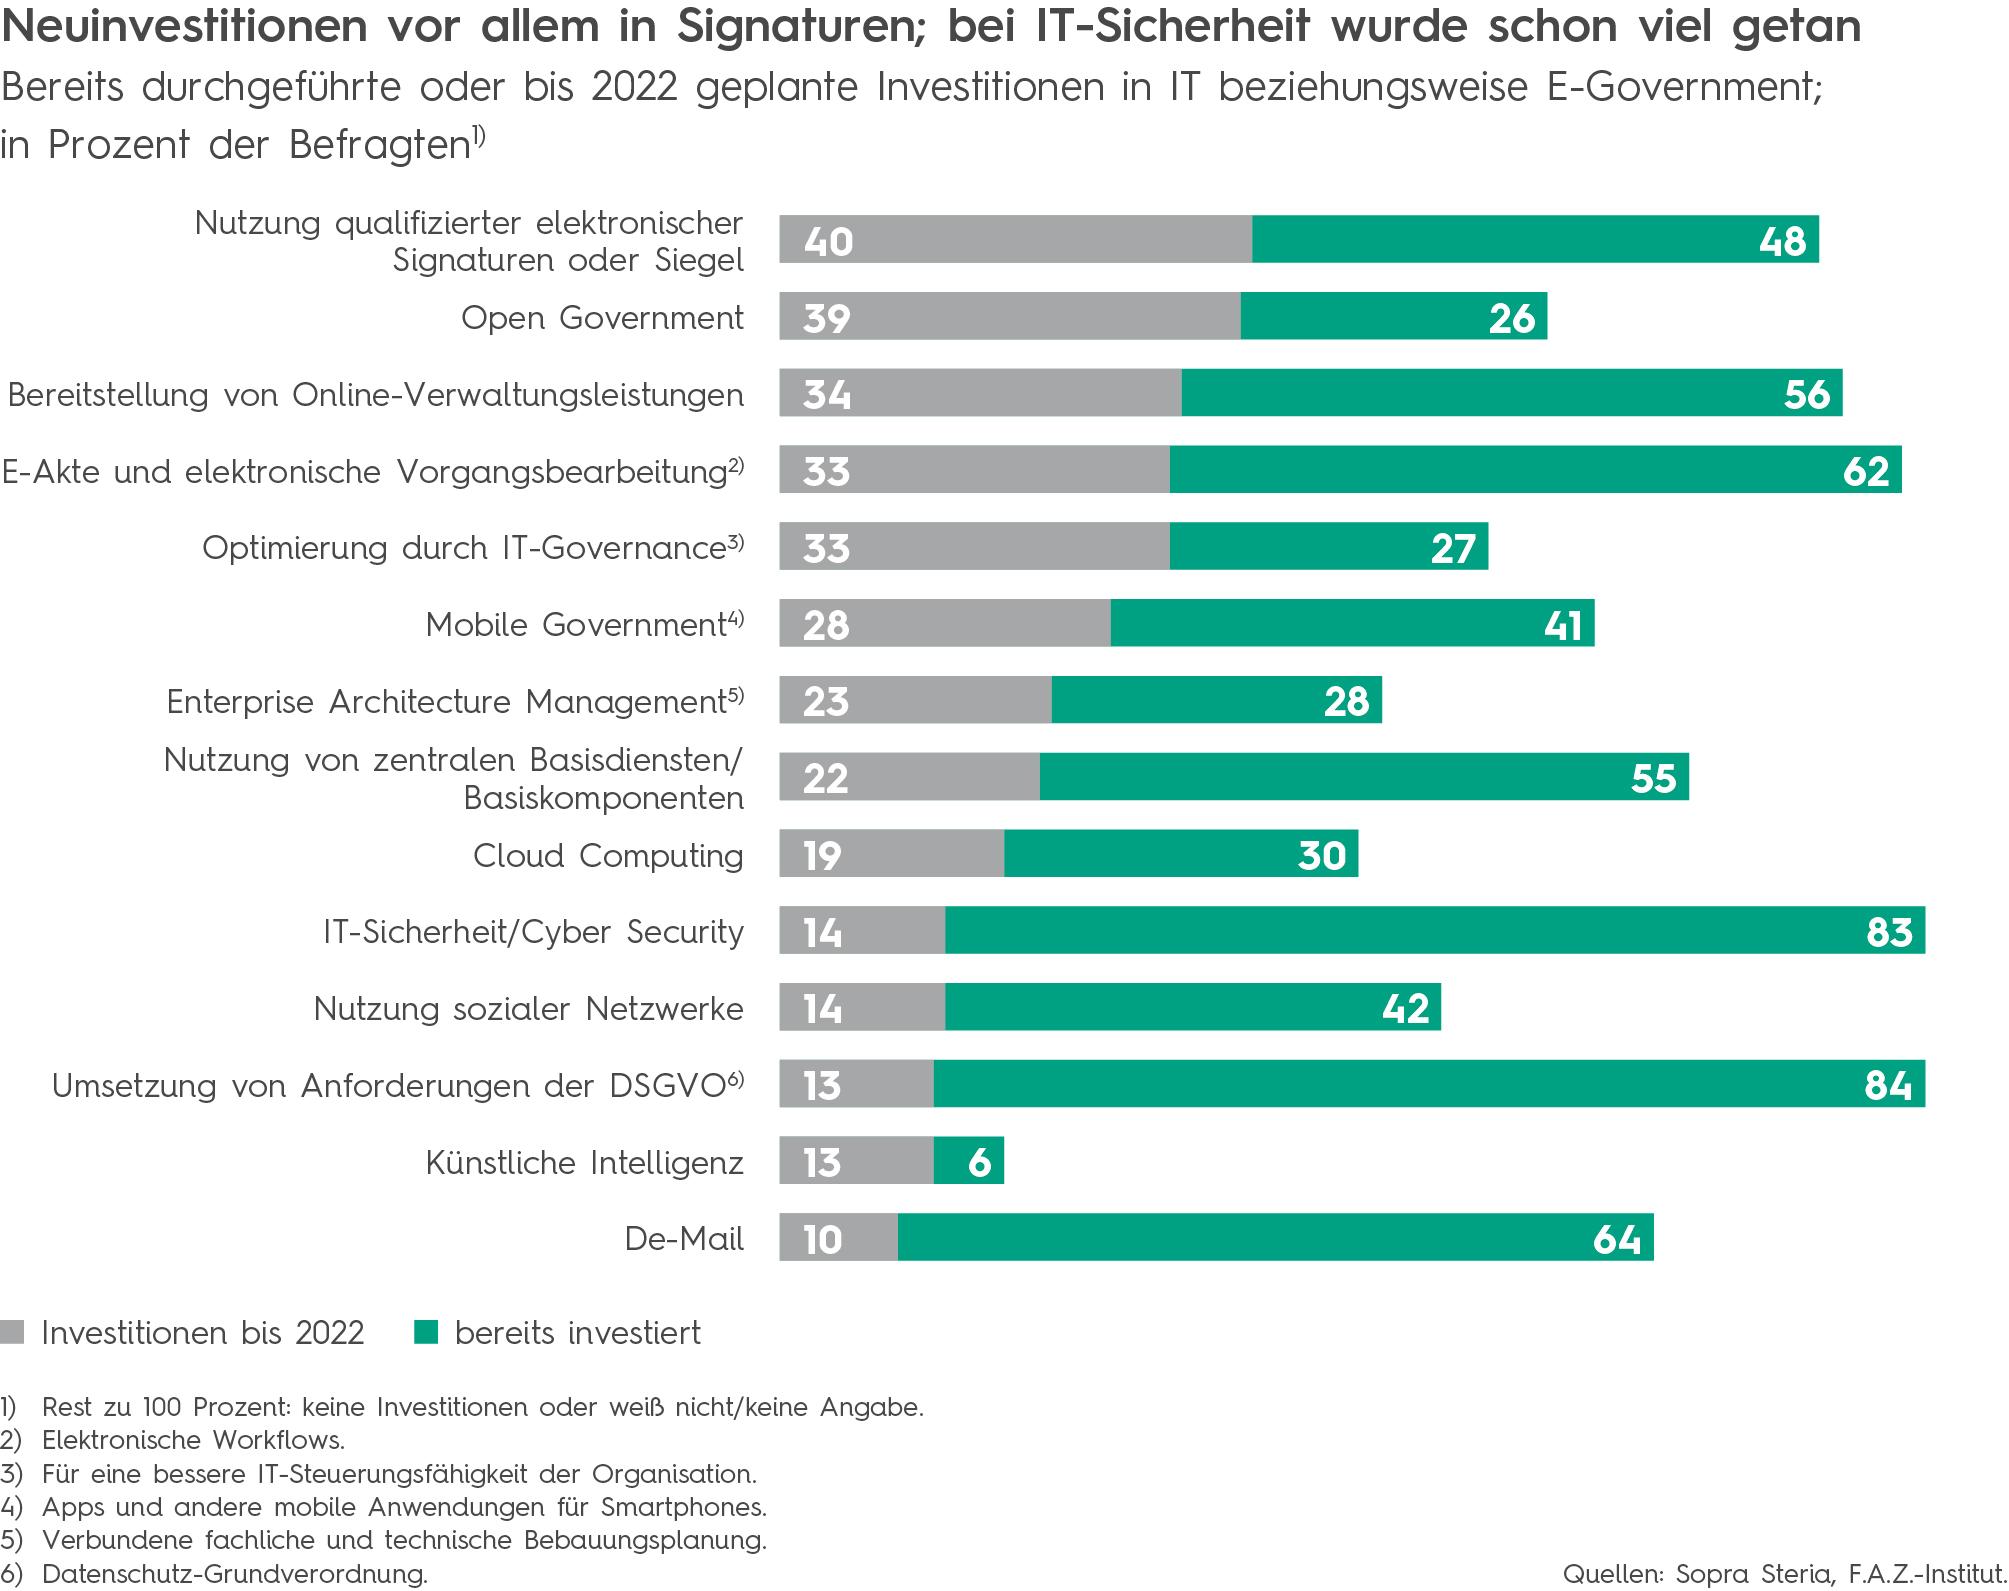 BK Public Sector PI Bürokratieabbau 88 Prozent der öffentlichen Verwaltung investieren in elektronische Unterschrift